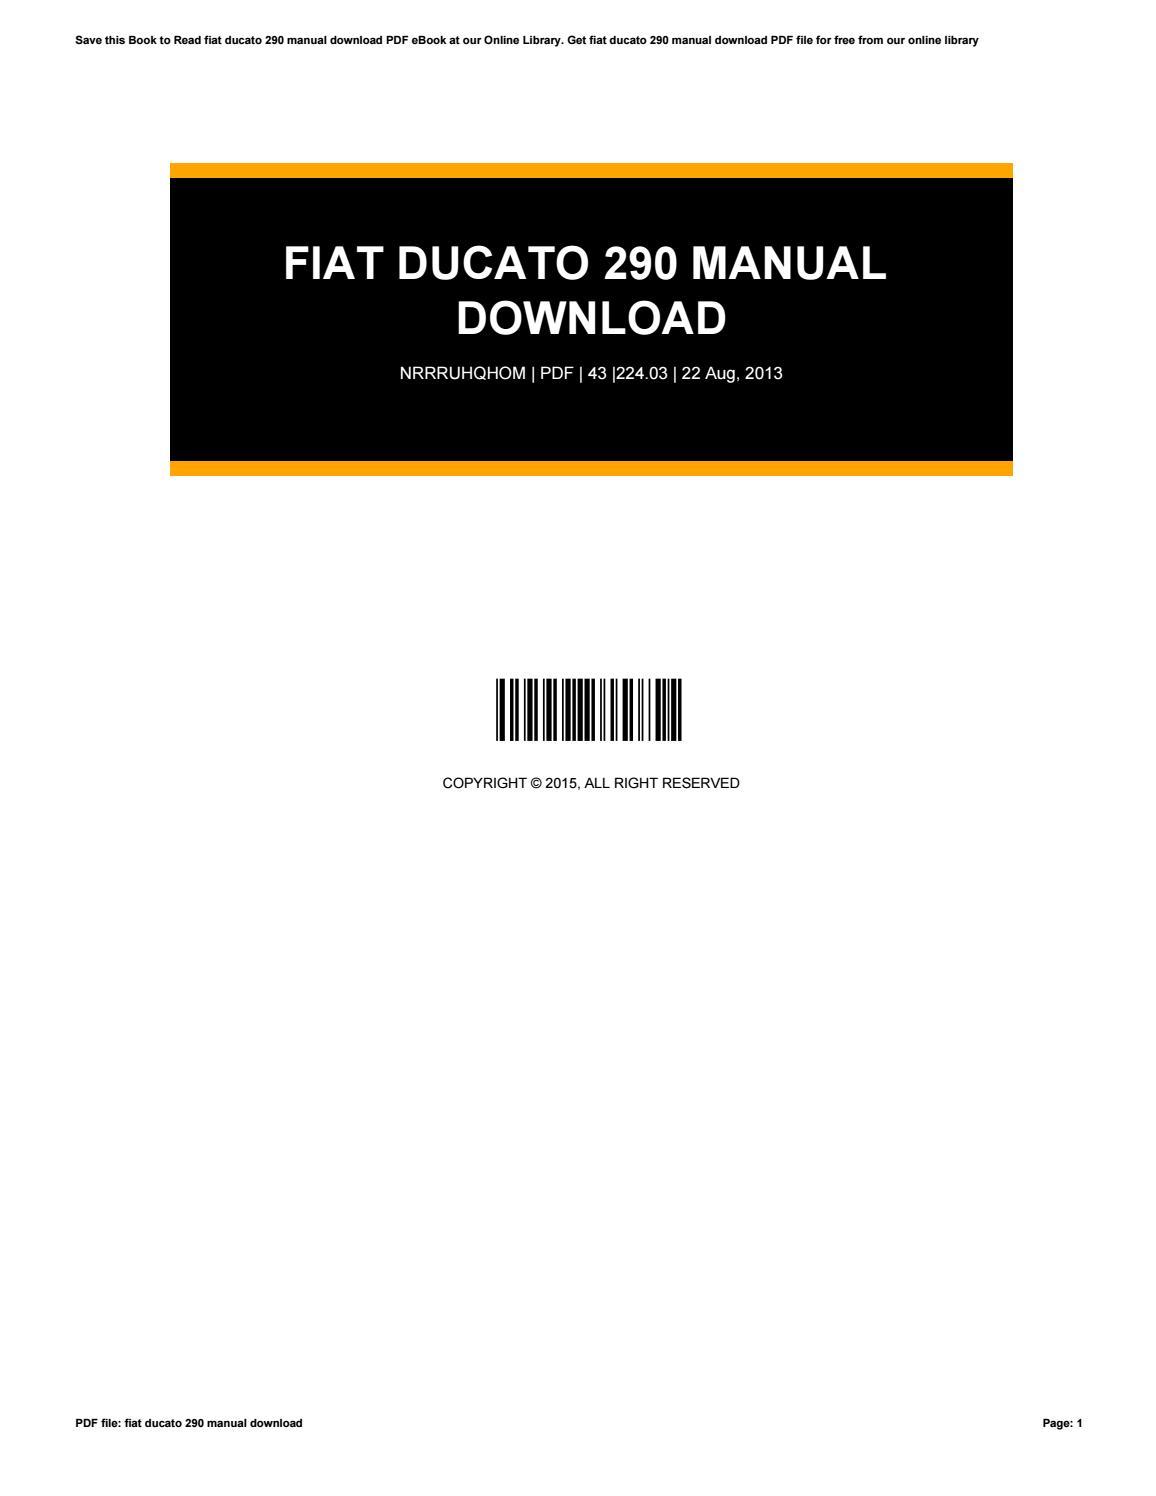 fiat ducato service manual 03